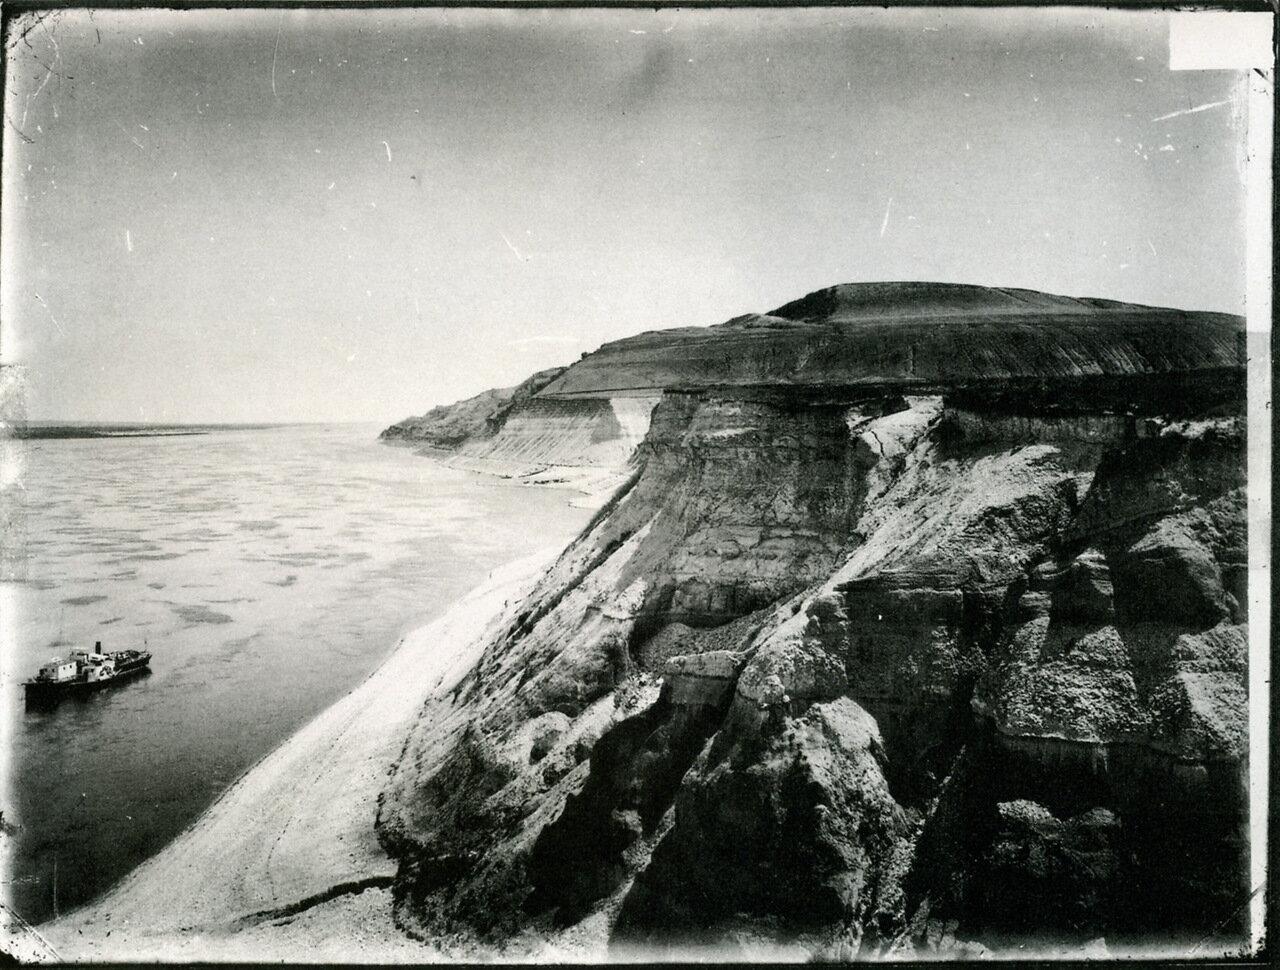 Волжские виды. Жигулевские горы. Место лагеря Степана Разина. 1894